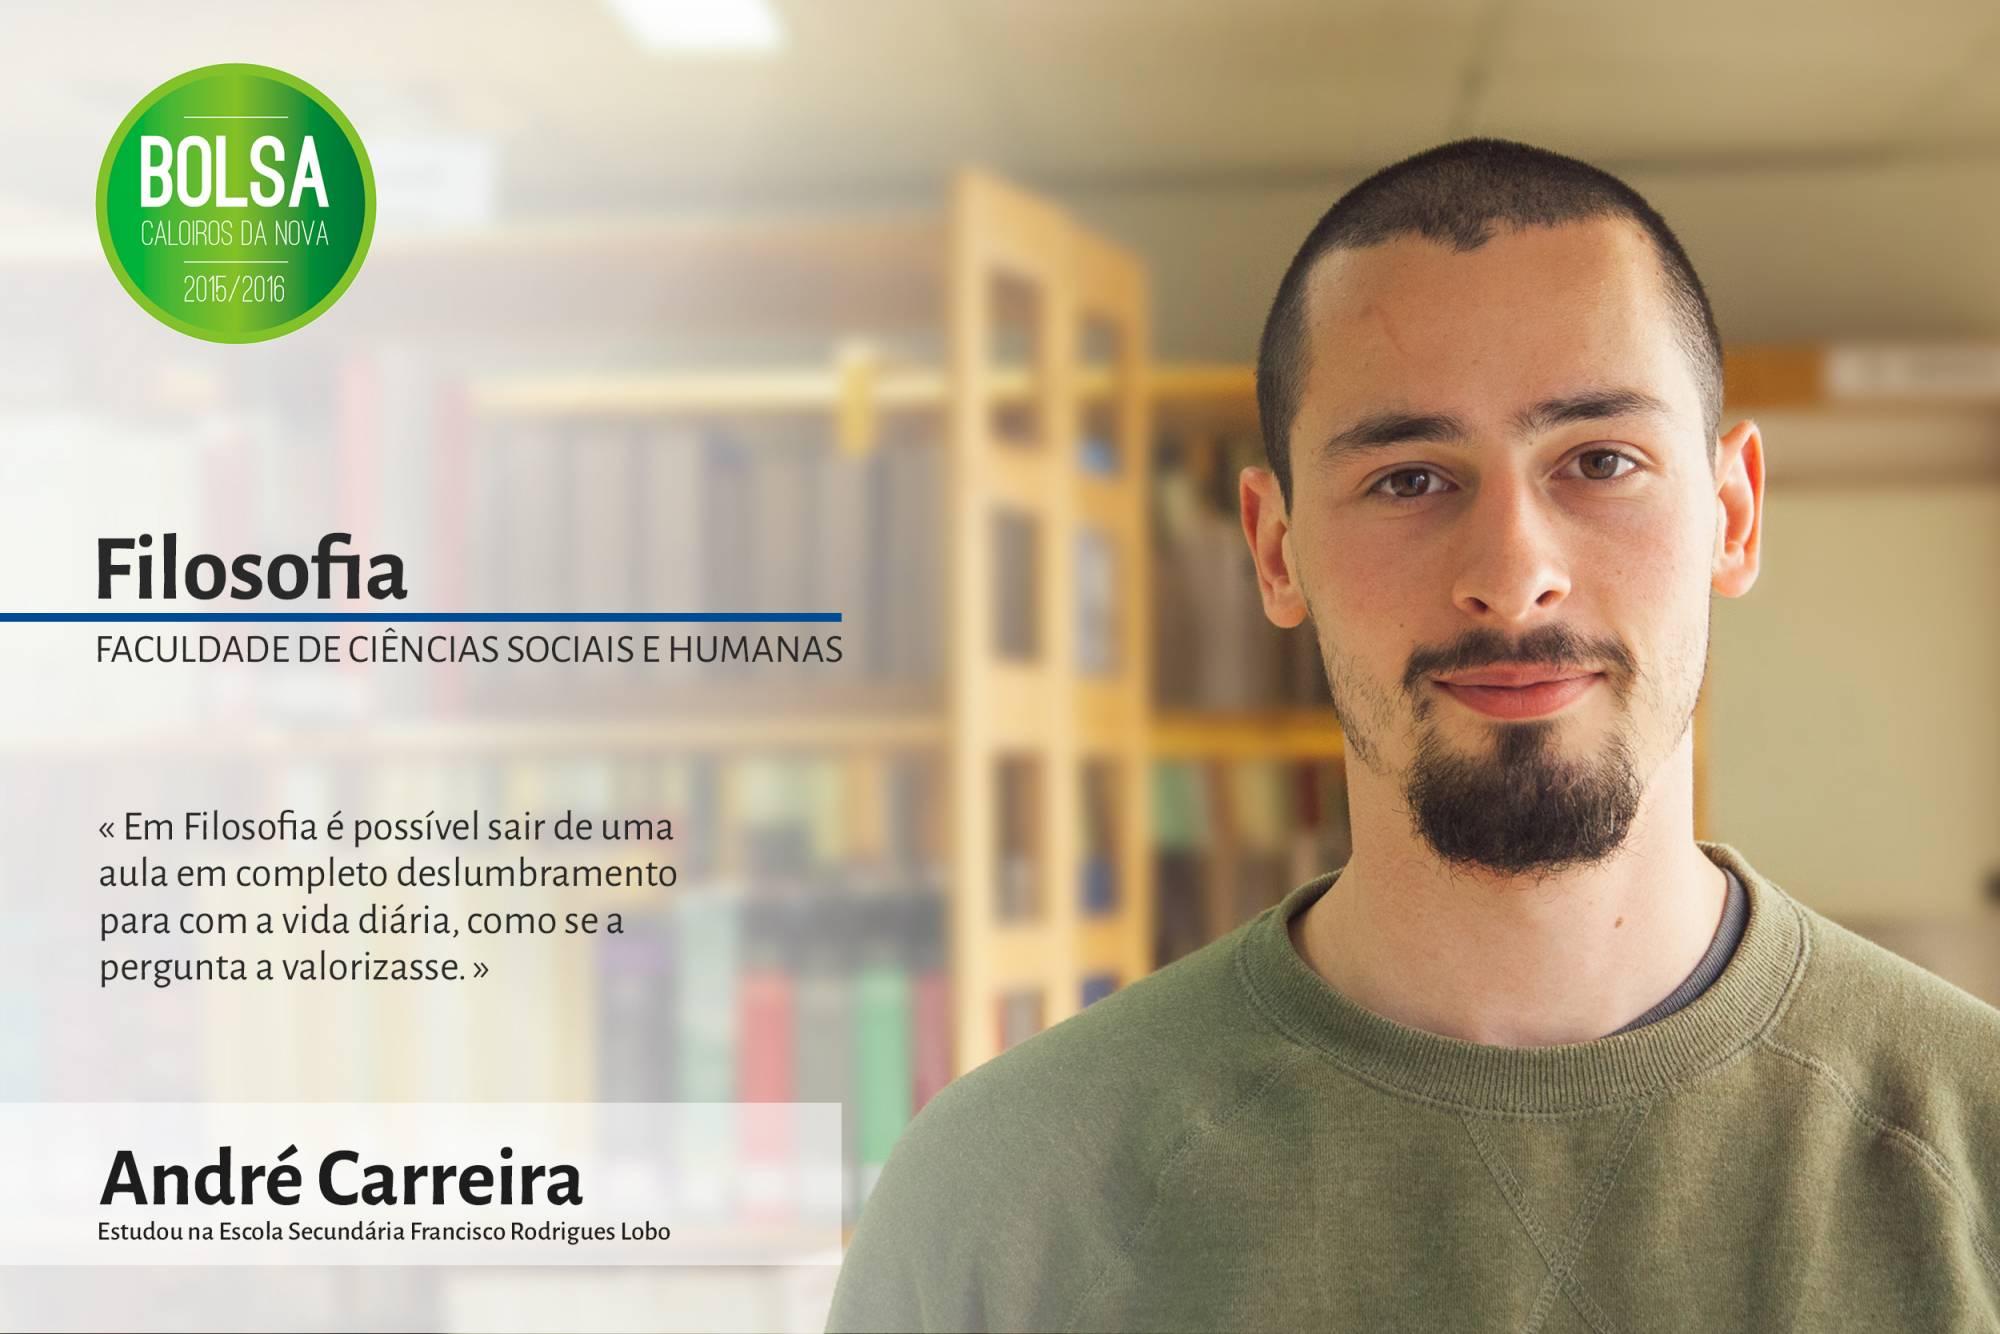 André Carreira, Faculdade de Ciências Sociais e Humanas da NOVA